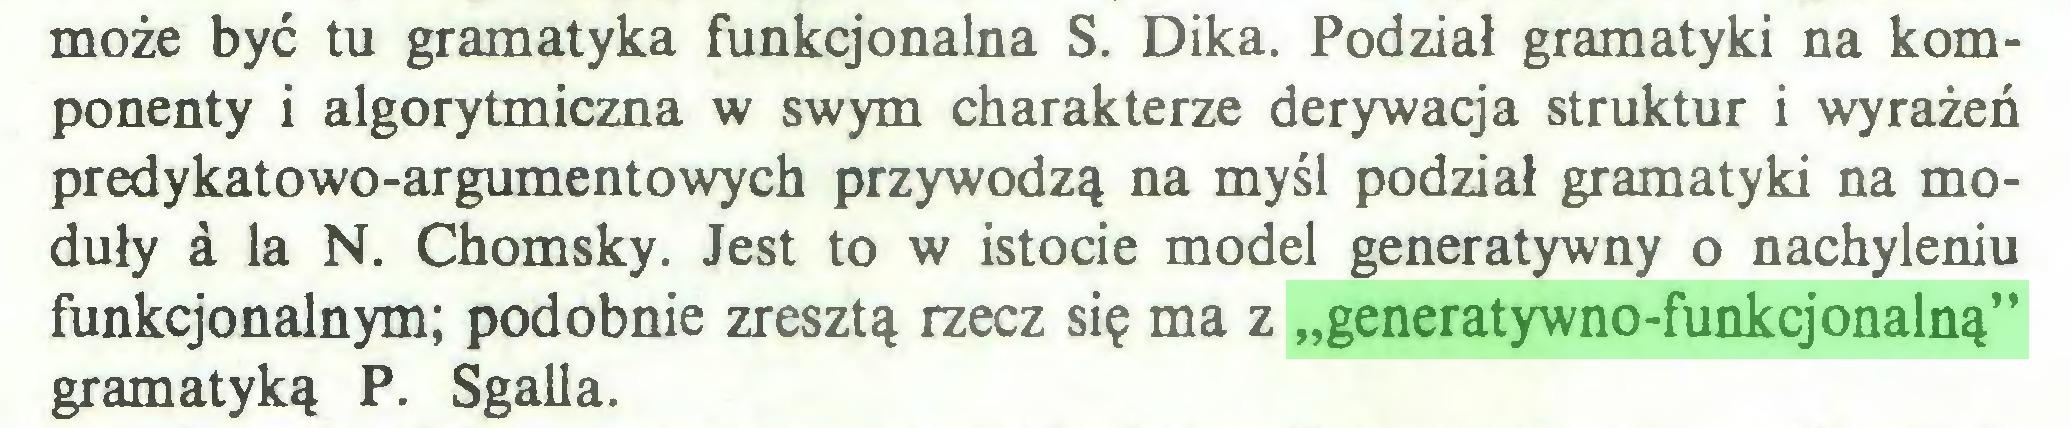 """(...) może być tu gramatyka funkqonalna S. Dika. Podział gramatyki na komponenty i algorytmiczna w swym charakterze derywacja struktur i wyrażeń predykatowo-argumentowych przywodzą na myśl podział gramatyki na moduły a la N. Chomsky. Jest to w istocie model generatywny o nachyleniu funkcjonalnym; podobnie zresztą rzecz się ma z """"generatywno-funkcjonalną"""" gramatyką P. Sgalla..."""